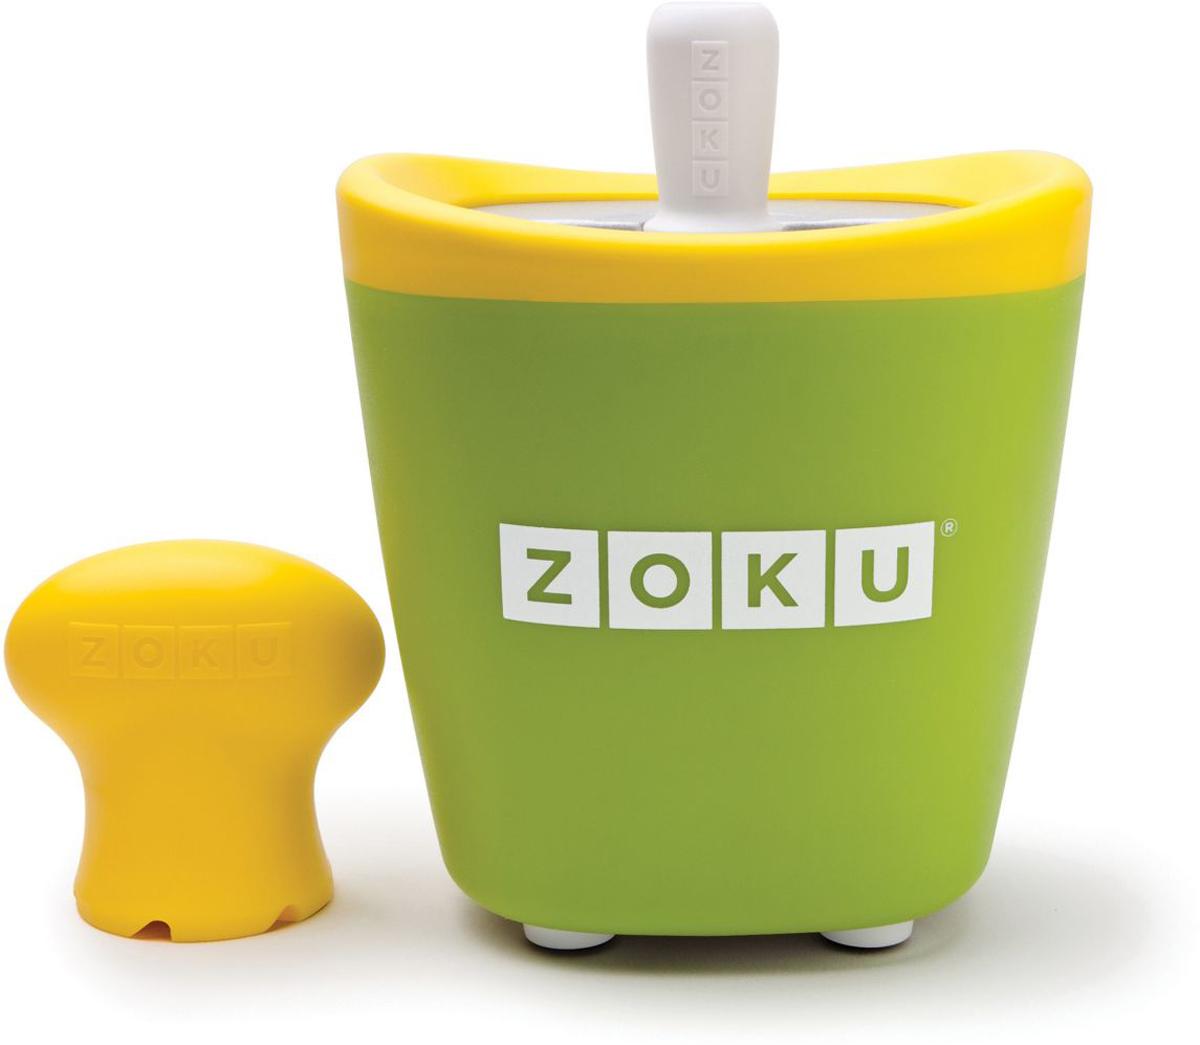 Набор для приготовления мороженого Zoku Single Quick Pop Maker, цвет: зеленый, 60 млZK110-GNС компактной и удобной формой Quick Pop Maker можно приготовить домашний фруктовый лед из полностью натуральных ингредиентов. В набор помимо формы для мороженого входят три палочки, а к ним три небольших поддона для капель и съемная насадка. Как использовать:1. Поместите пустую форму в морозильную камеру на 24 часа. Форма должна быть абсолютно сухой и располагаться вертикально.2. Через сутки вытащите форму из морозилки и вставьте в нее палочки. Залейте охлажденный сок в емкость до отметки. Через 7-10 минут фруктовый лед готов.3. Поместите съемную насадку на палочку и закрутите по часовой стрелке до упора. Когда ручка начнет свободно крутиться, смените направление и откручивайте против часовой стрелки, чтобы вытащить мороженое из формы.Объем емкости - 60 мл. Форма не содержит вредных примесей и бисфенола-А. Устройство работает без электричества и позволяет приготовить до 3 порций от одной заморозки. Моется вручную. Не используйте простую и газированную воду или полностью пресные напитки без сахара в приборе Quick Pop. В результате использования воды или напитков без сахара будет крайне тяжело достать продукт из прибора, а также можно повредить насадку или палочку.